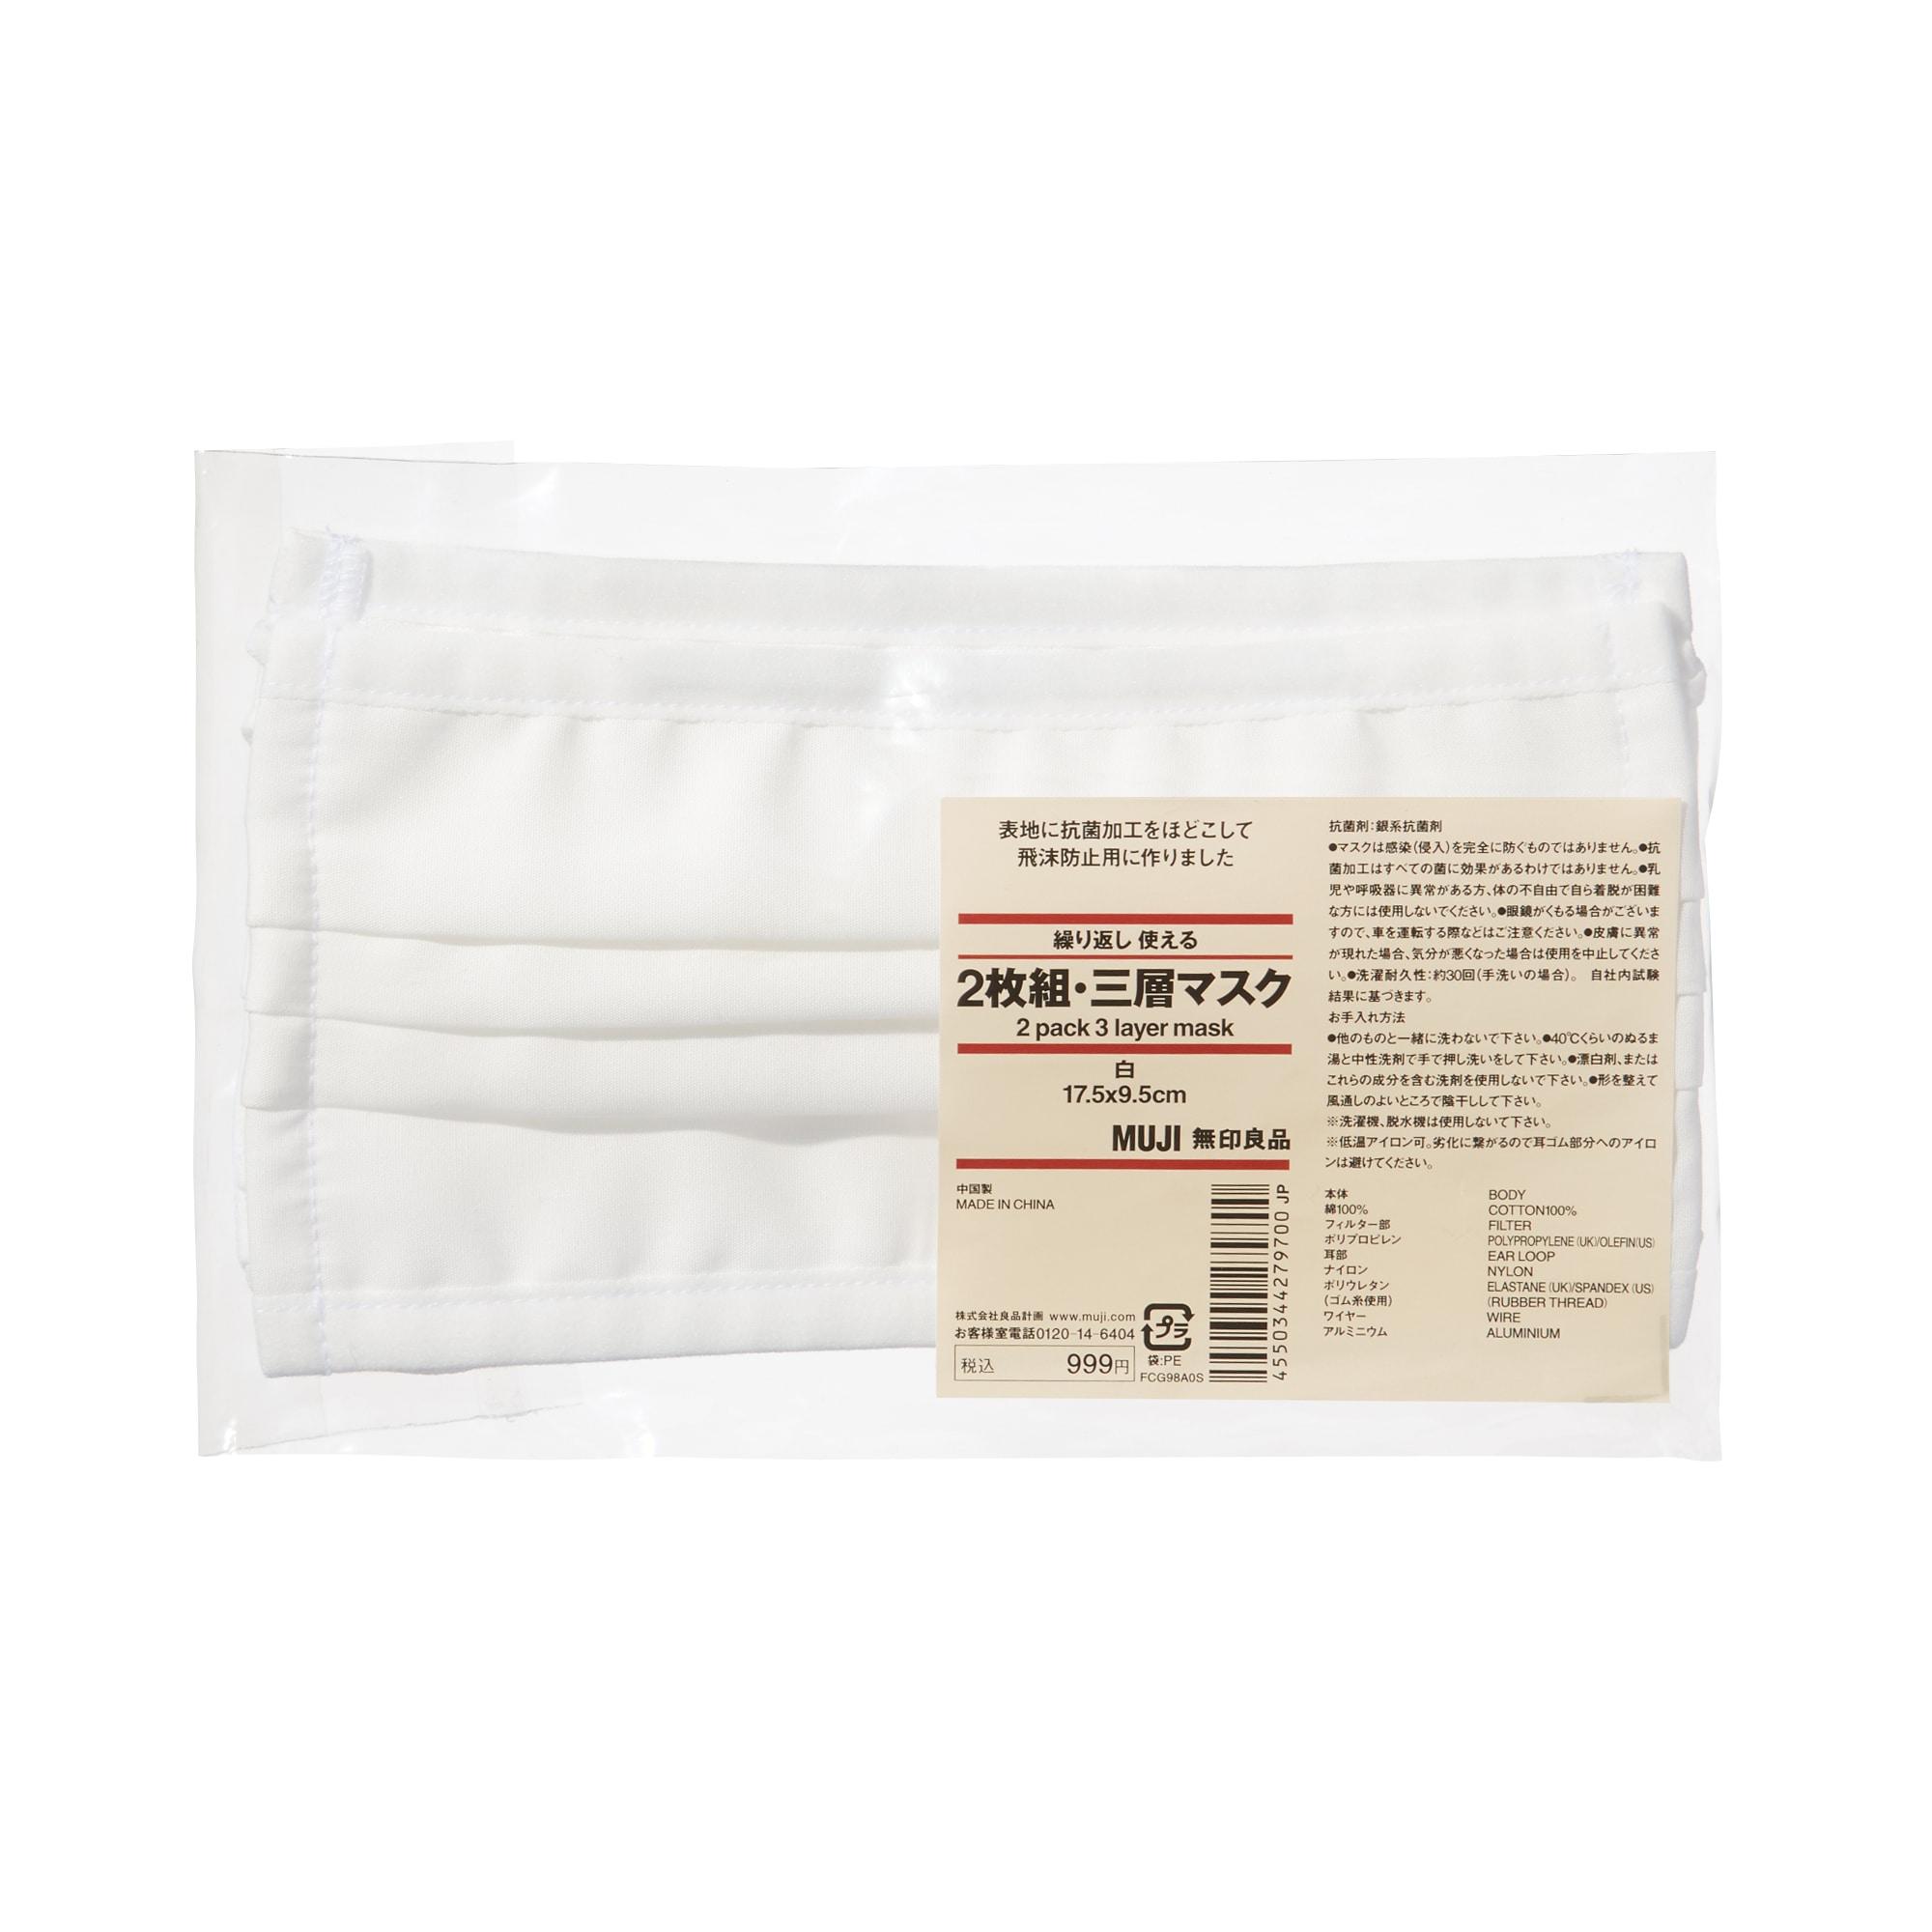 繰り返し 使える 2枚組・三層マスク 約17.5×9.5cm